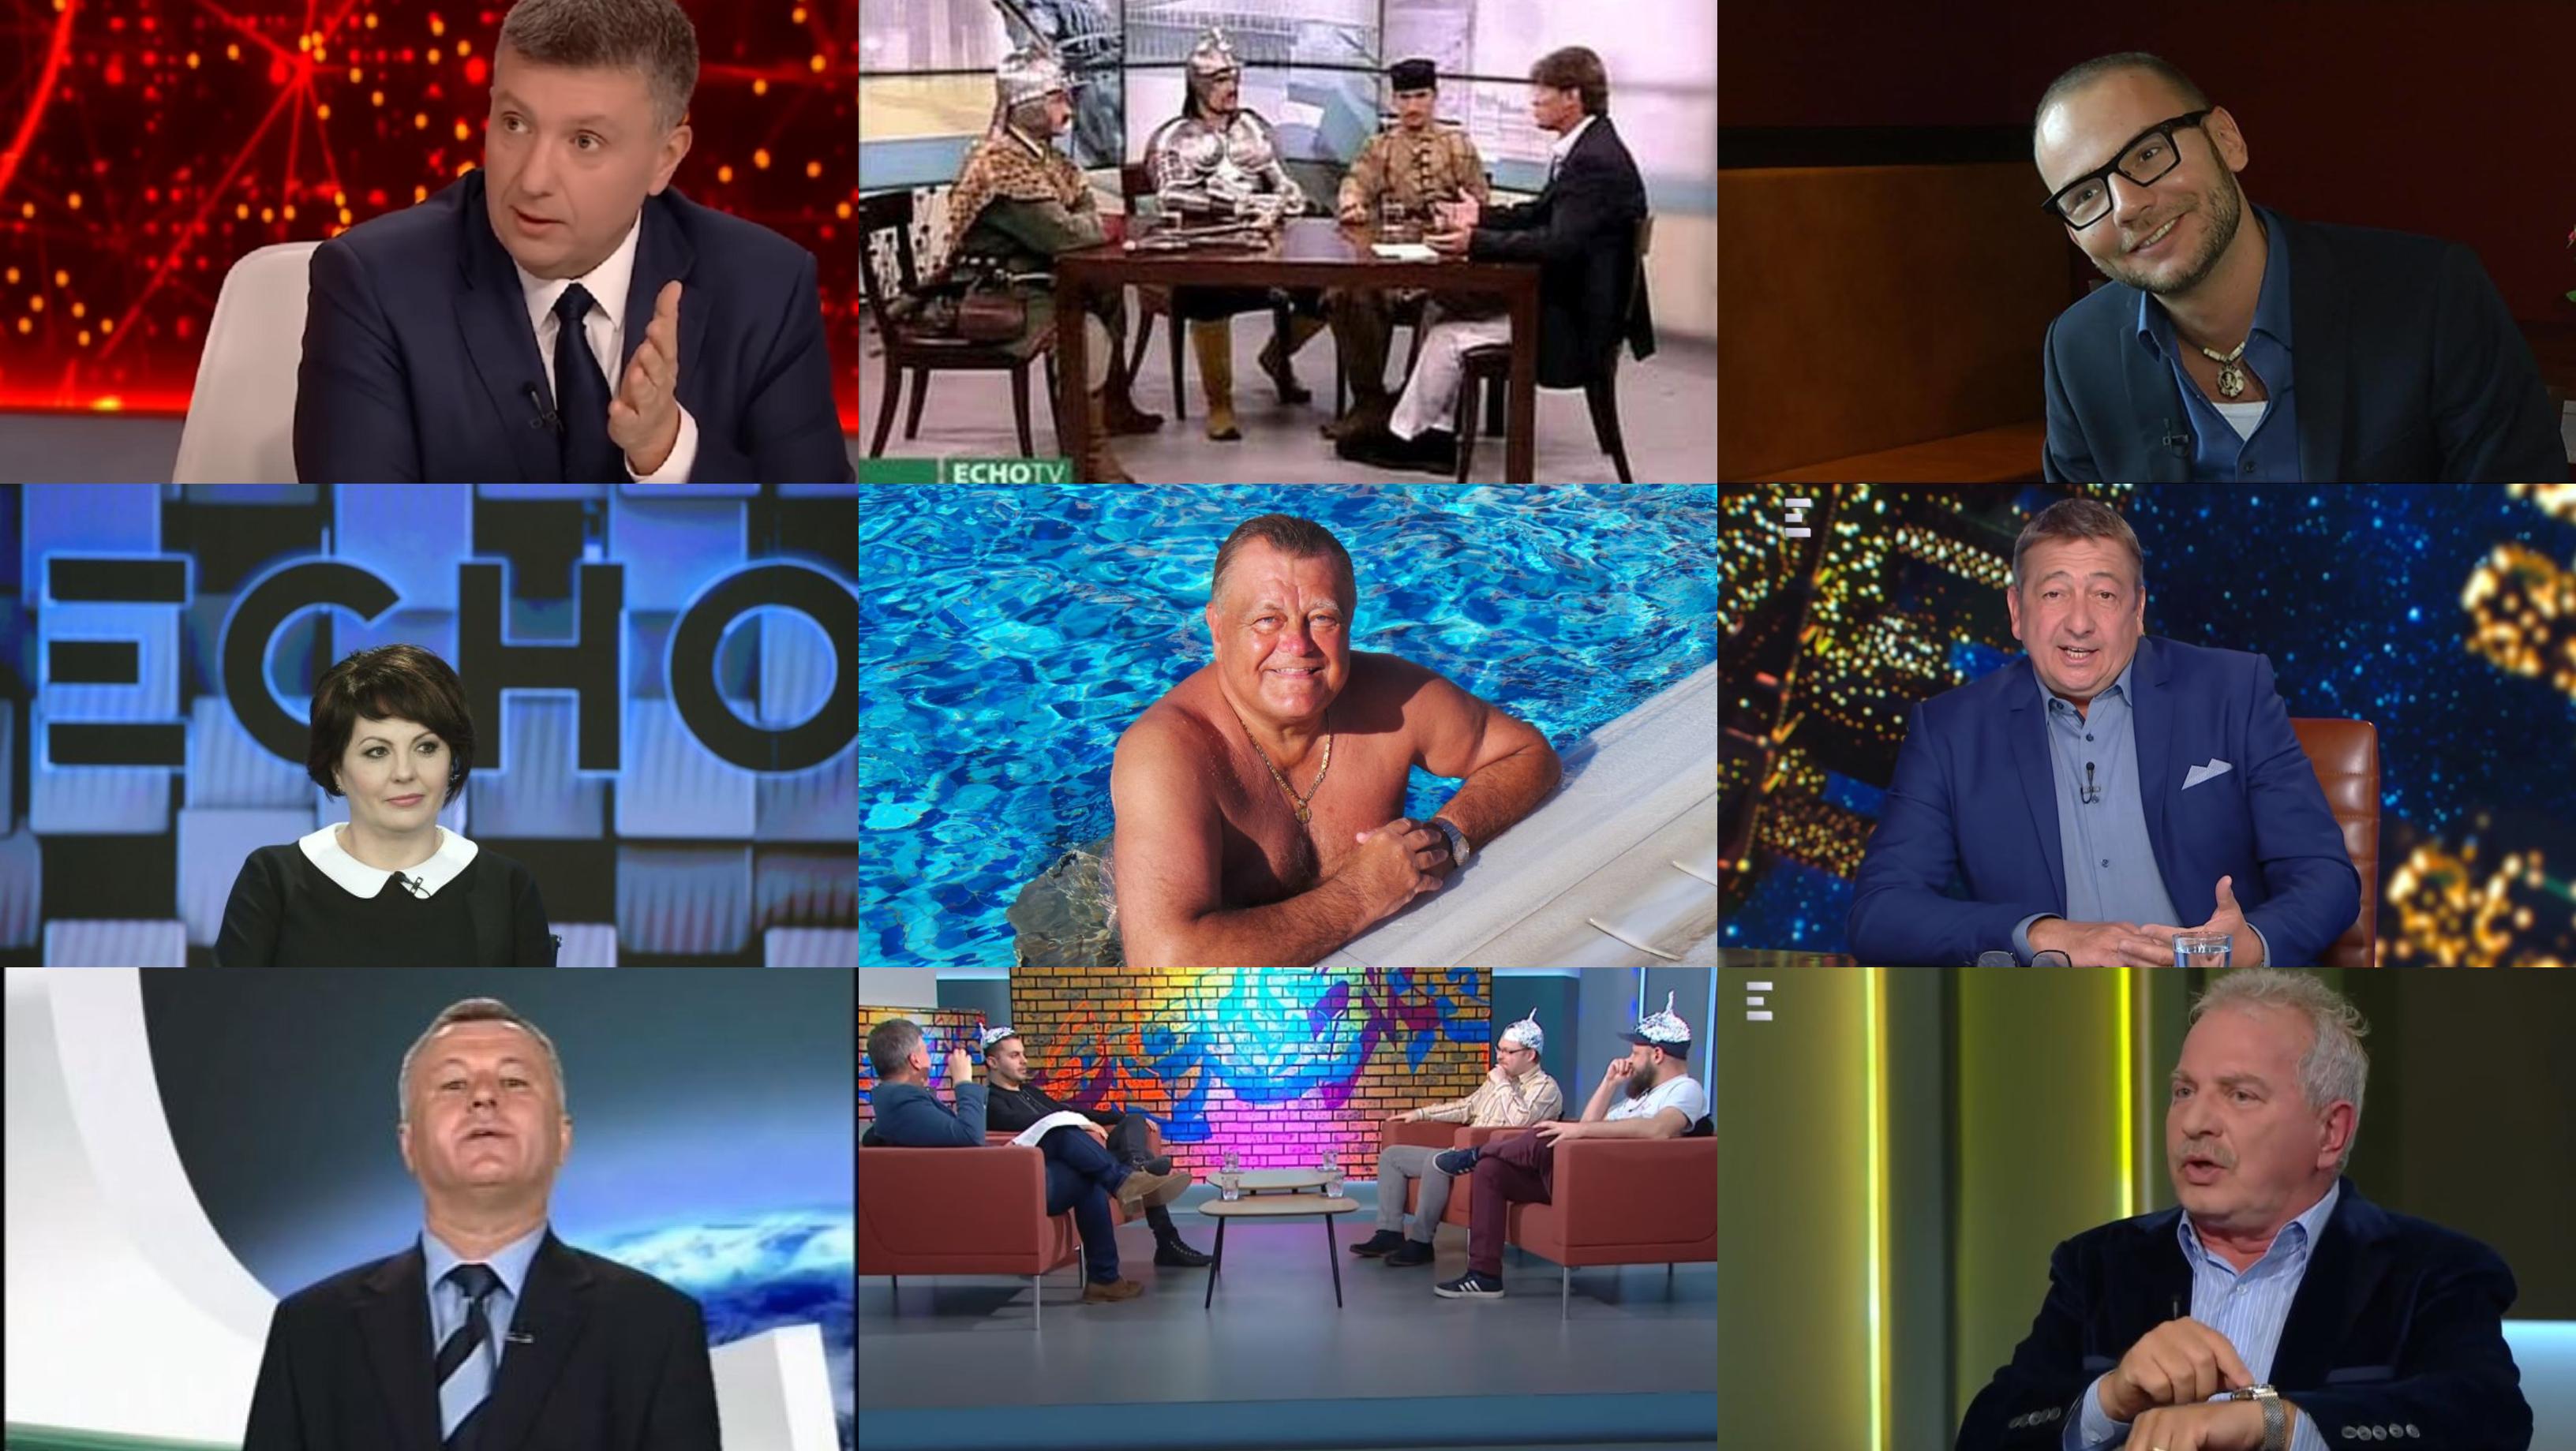 Az Echo TV legszebb pillanatai: űrlények, patkányozás és az Emberi Erőfosások Minisztériuma